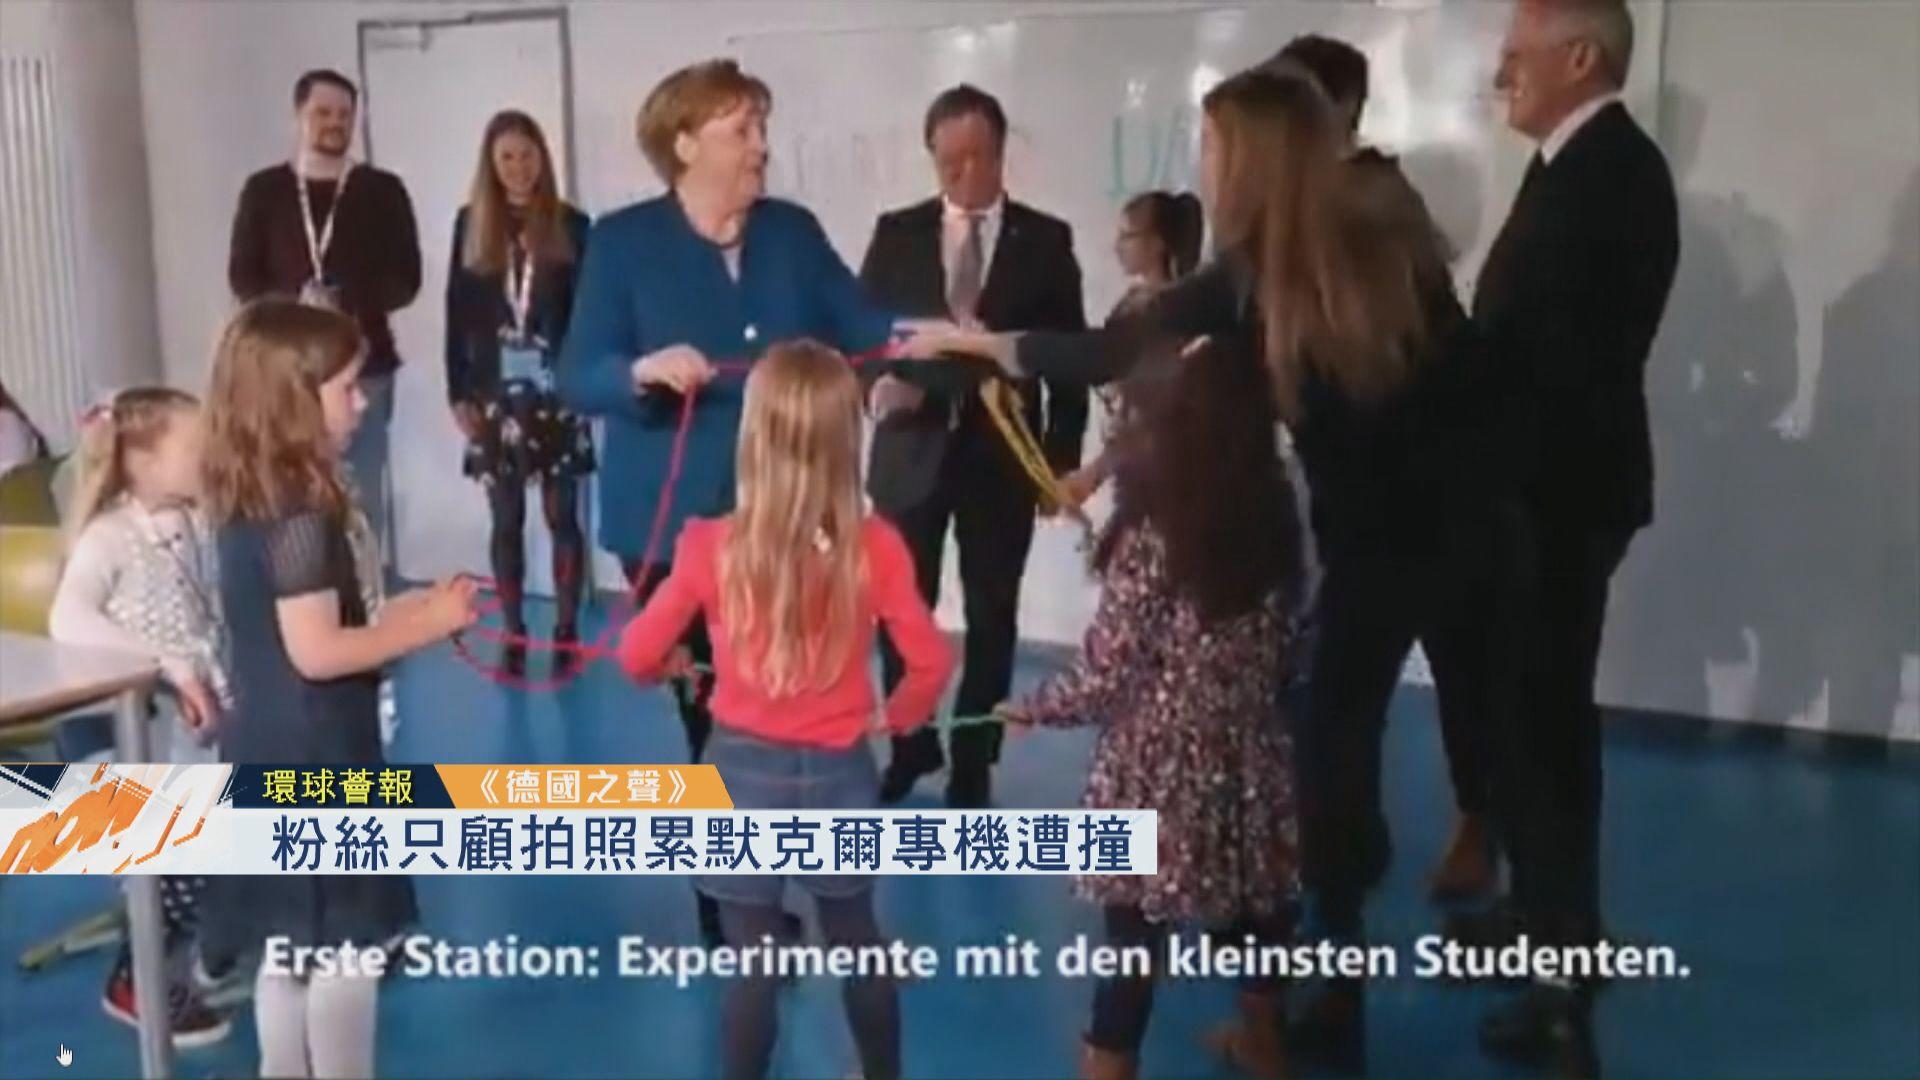 【環球薈報】粉絲只顧拍照累默克爾專機遭撞